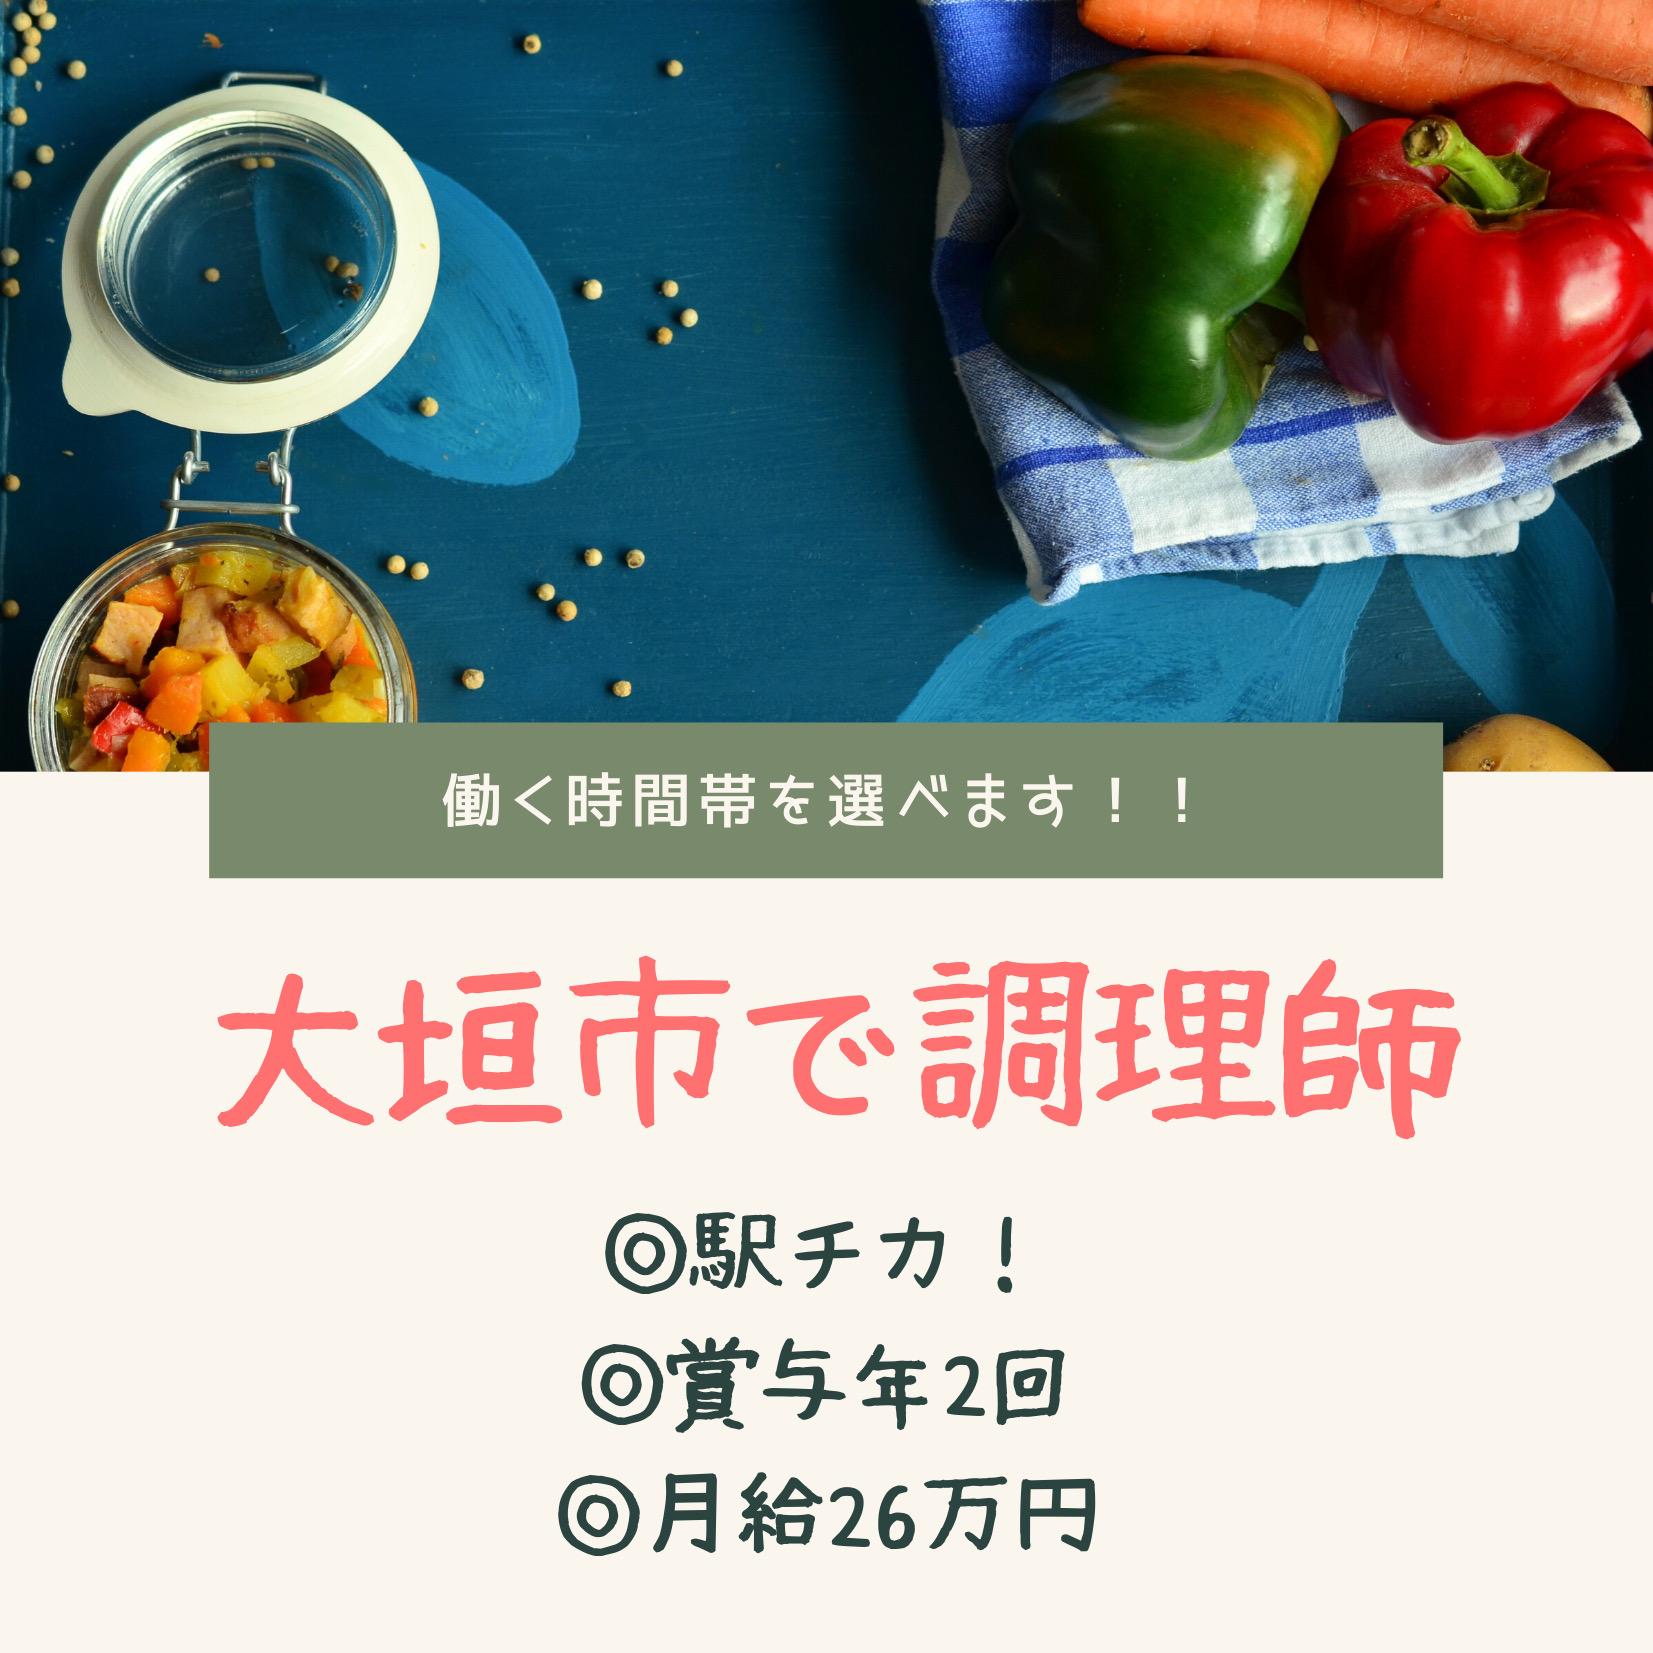 「東大垣駅」徒歩4分!調理師のお仕事☆彡賞与年2回!働く時間帯を選べます! イメージ